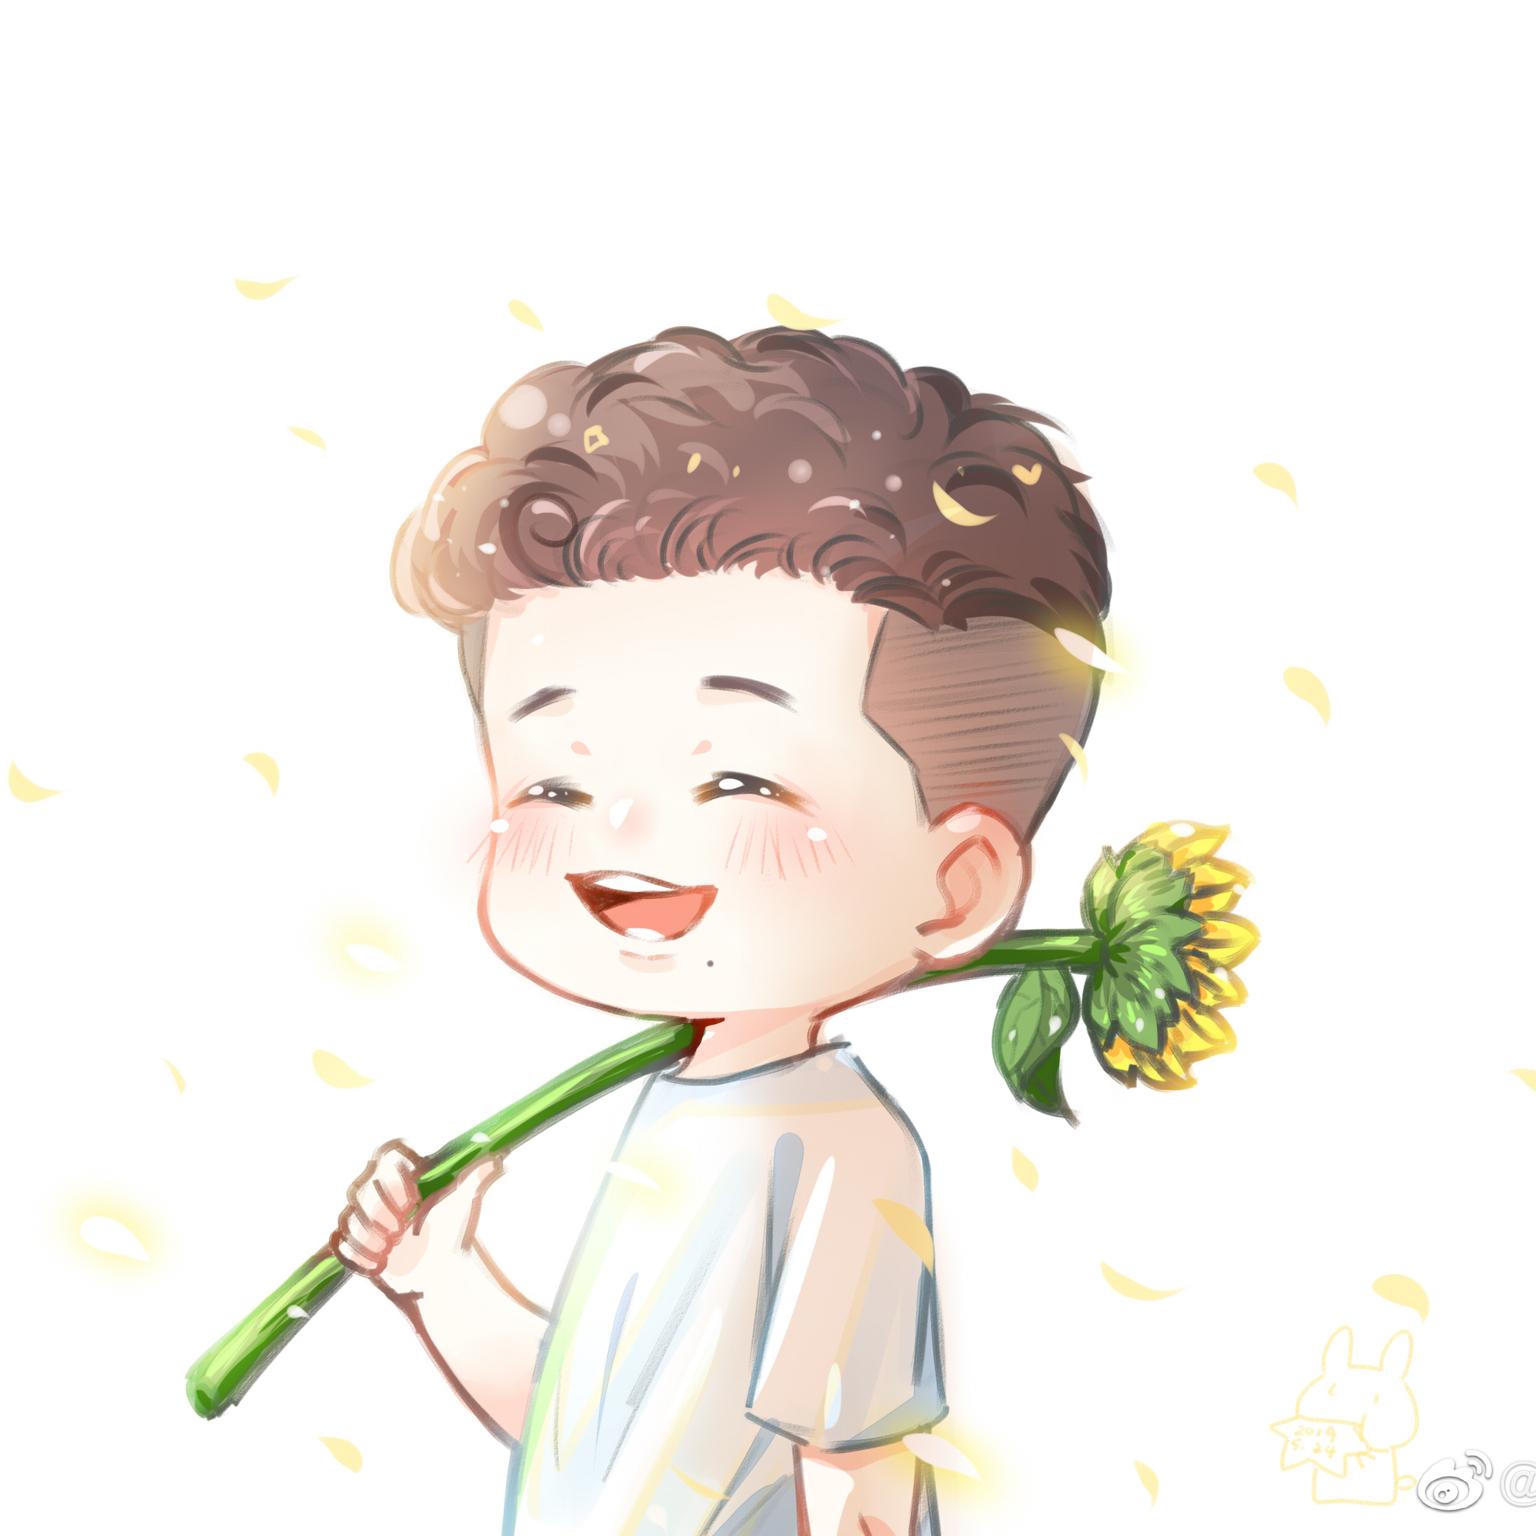 【堂良】白月光——纹身小王子的日常:提笼架鸟揉核桃图片